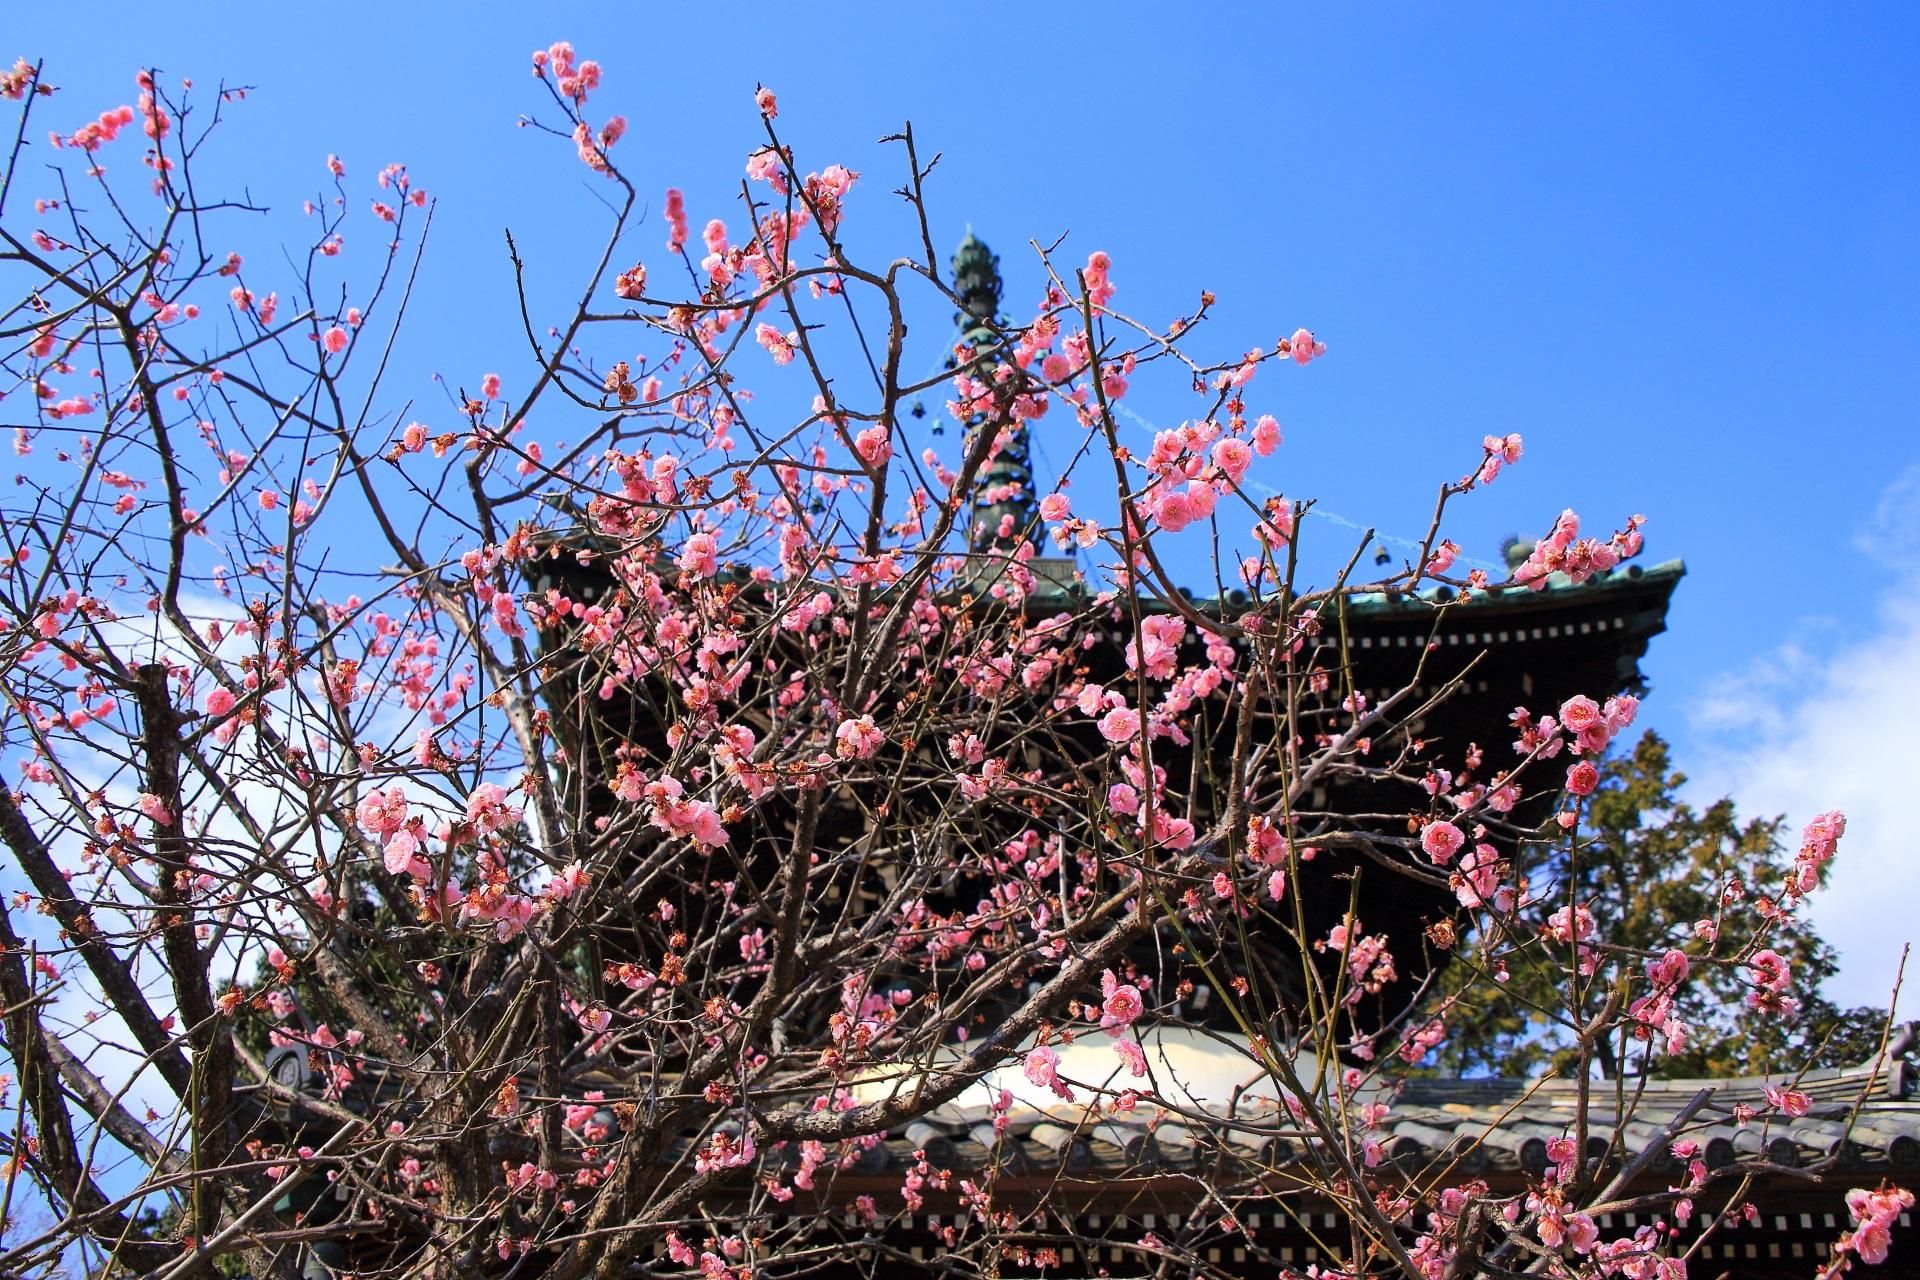 青空に映えるピンクの華やかな梅の花